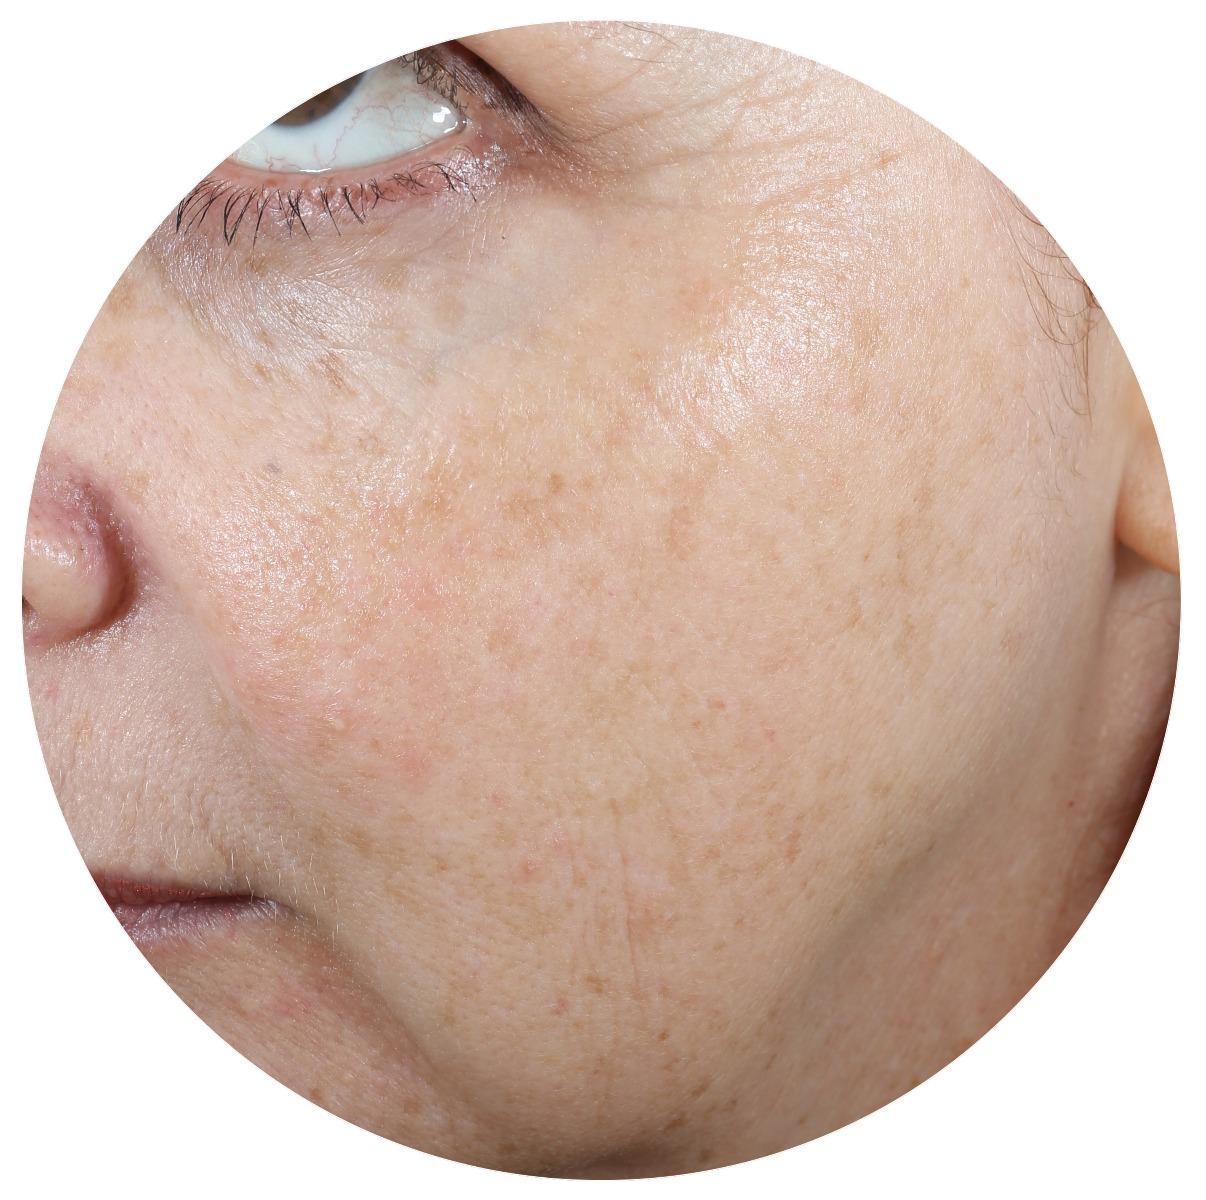 A-Zyme Peel Treatment